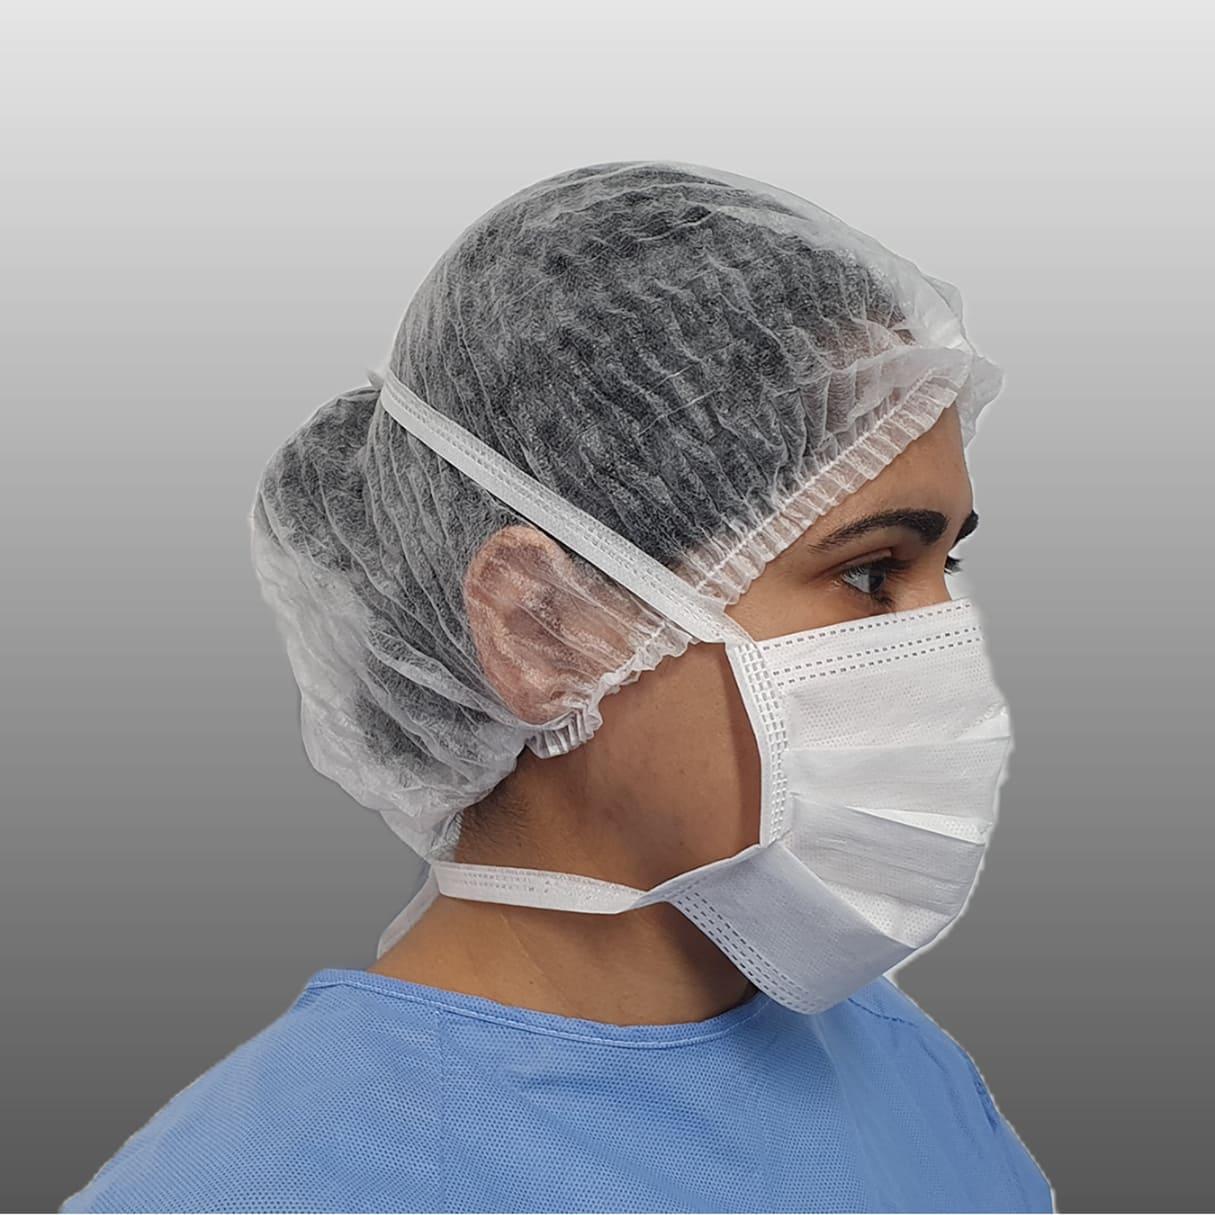 Fabricante de máscara cirúrgica